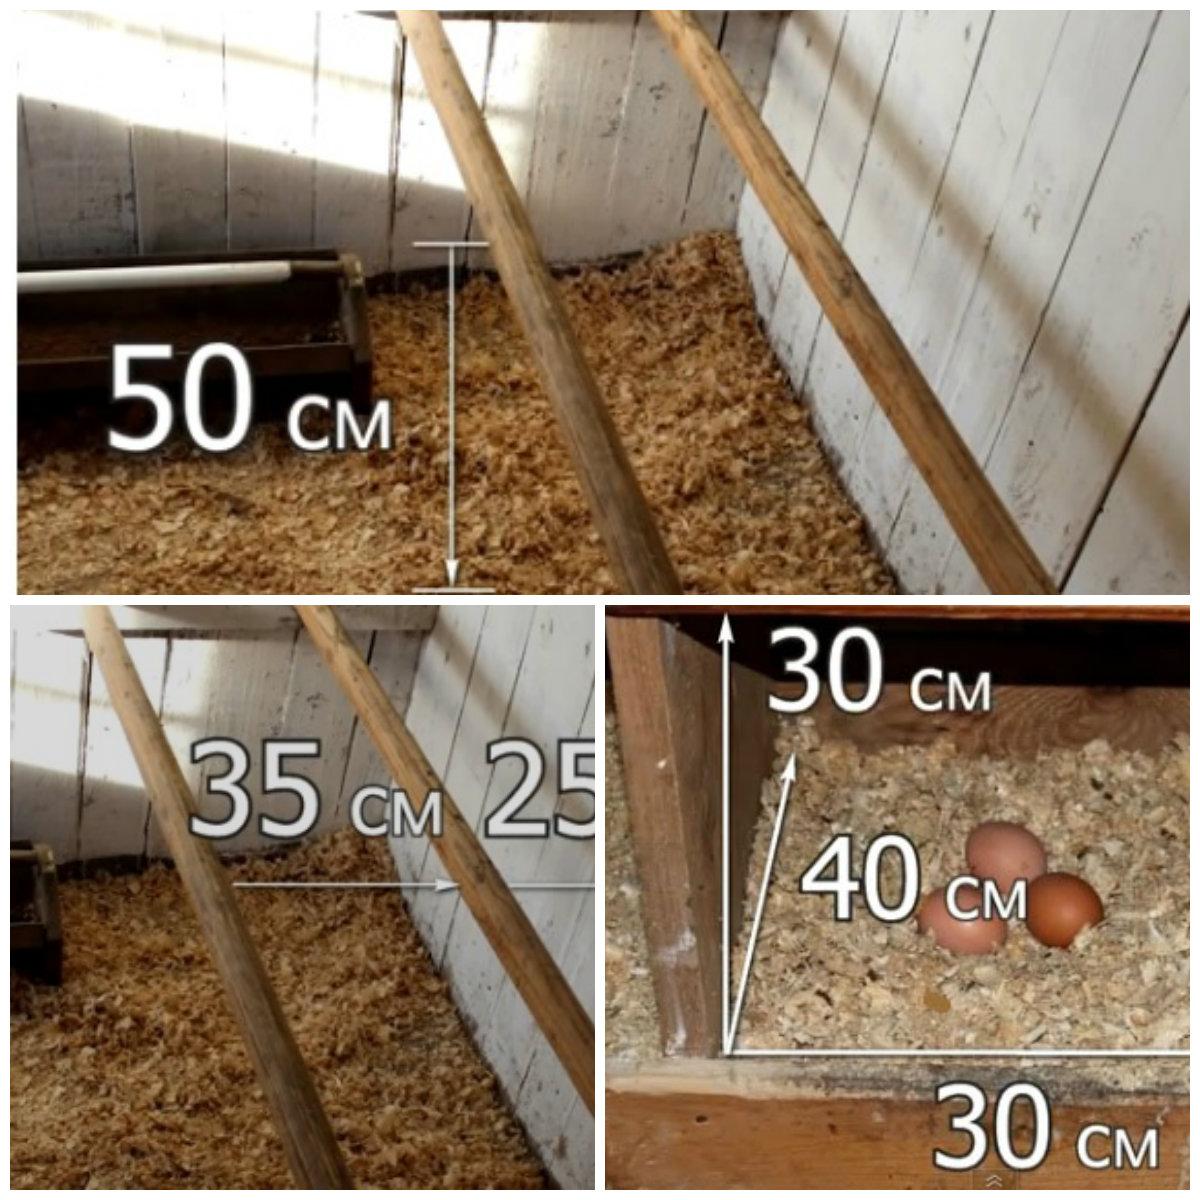 Оптимальные параметры, по которым надо строить насесты и гнезда